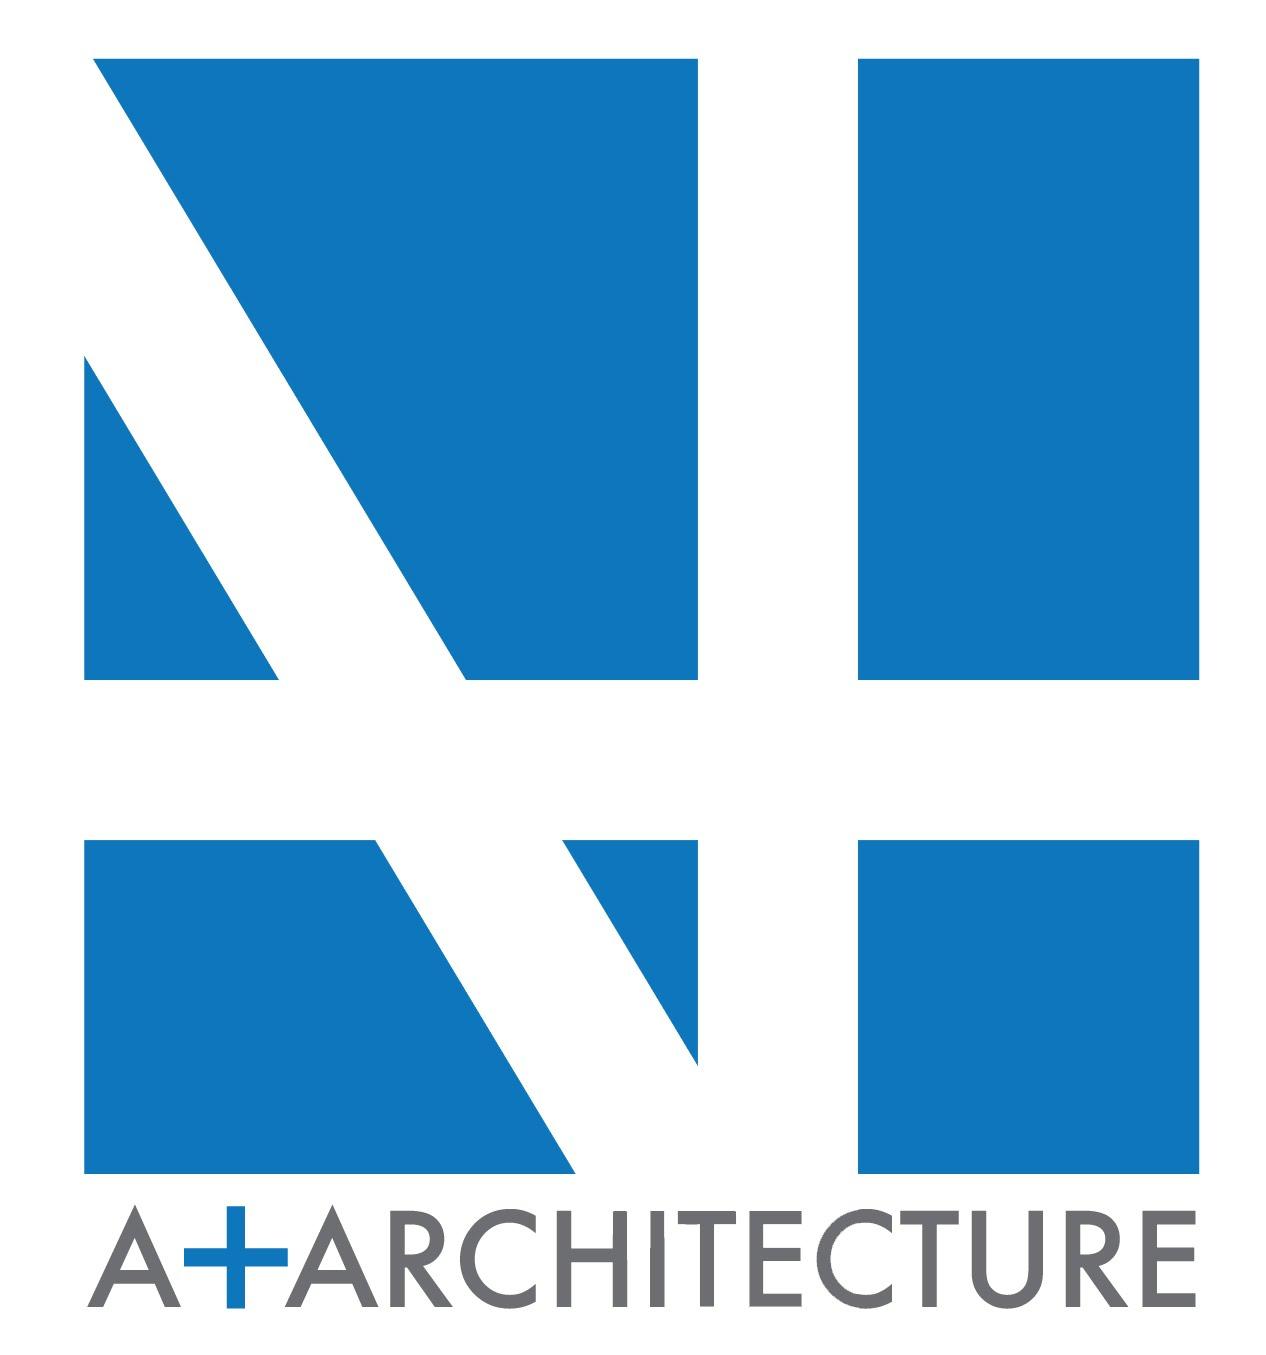 google search engine architecture pdf